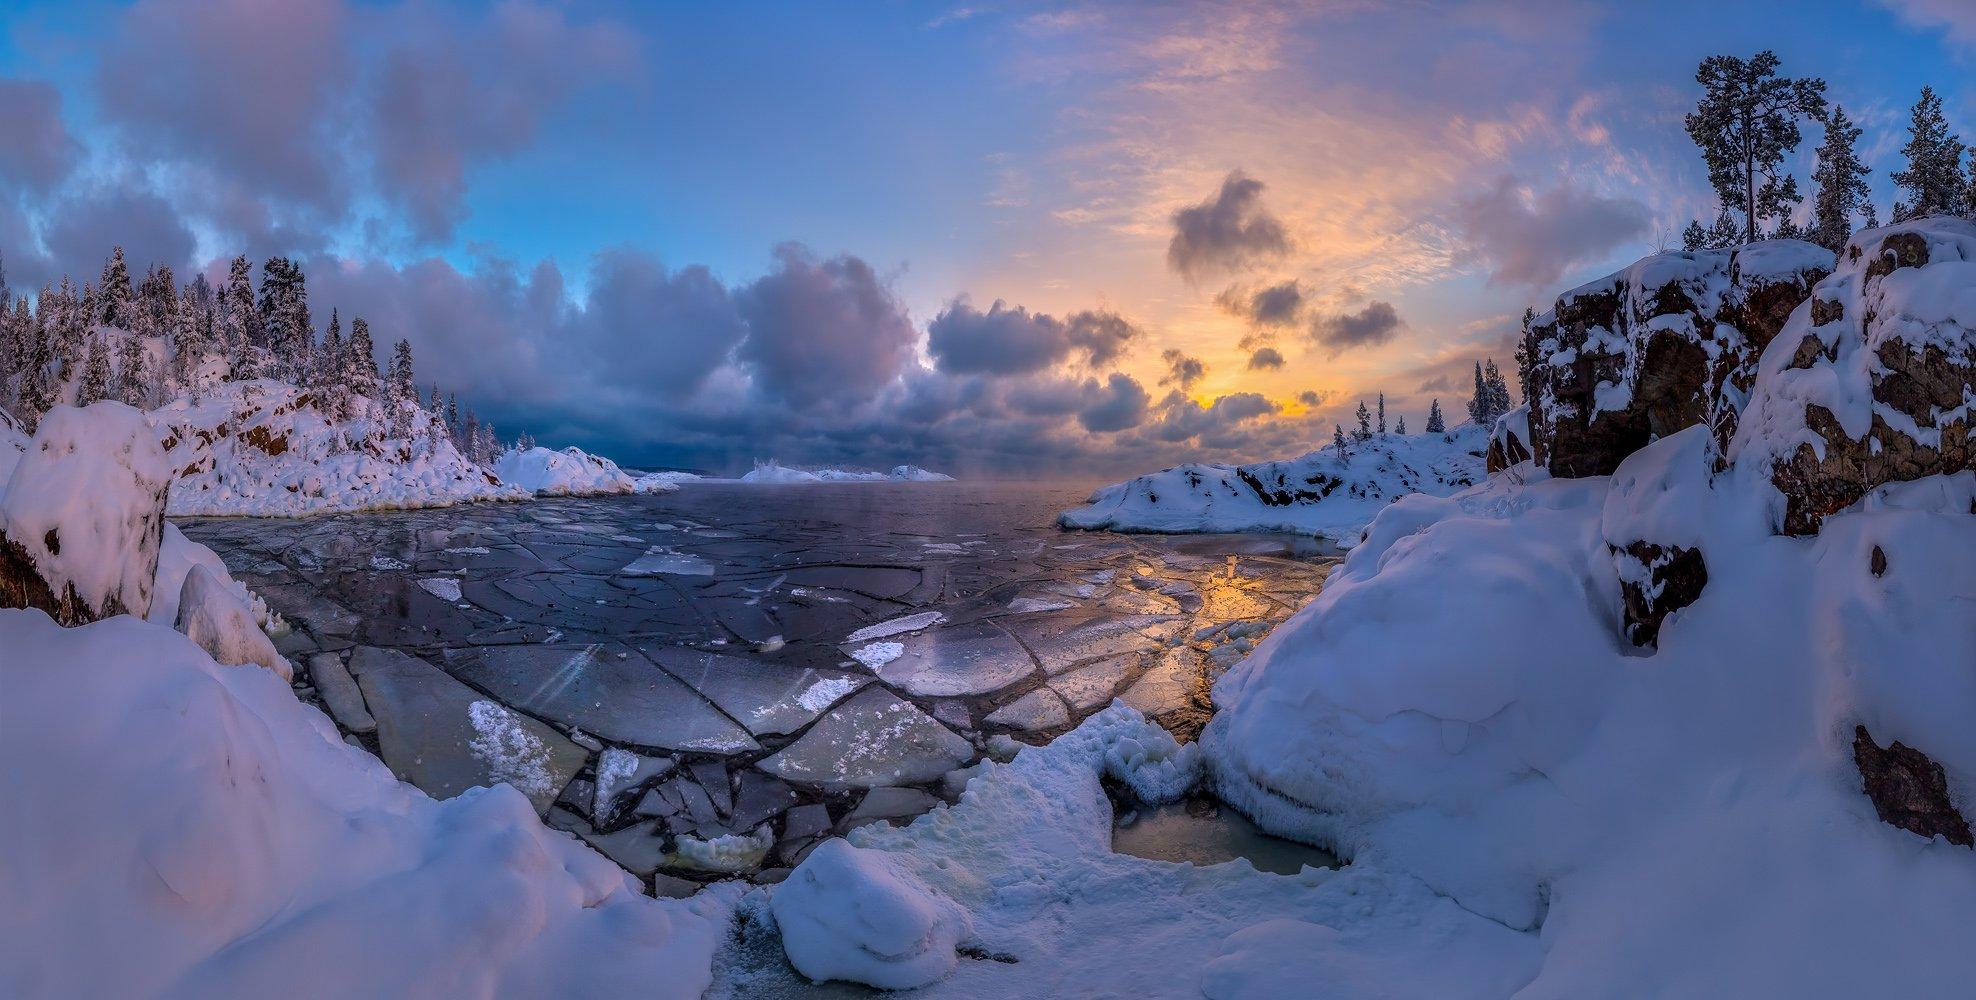 Ладожское озеро, Карелия, остров, зима, снег, рассвет, тучи, бухта,, Лашков Фёдор